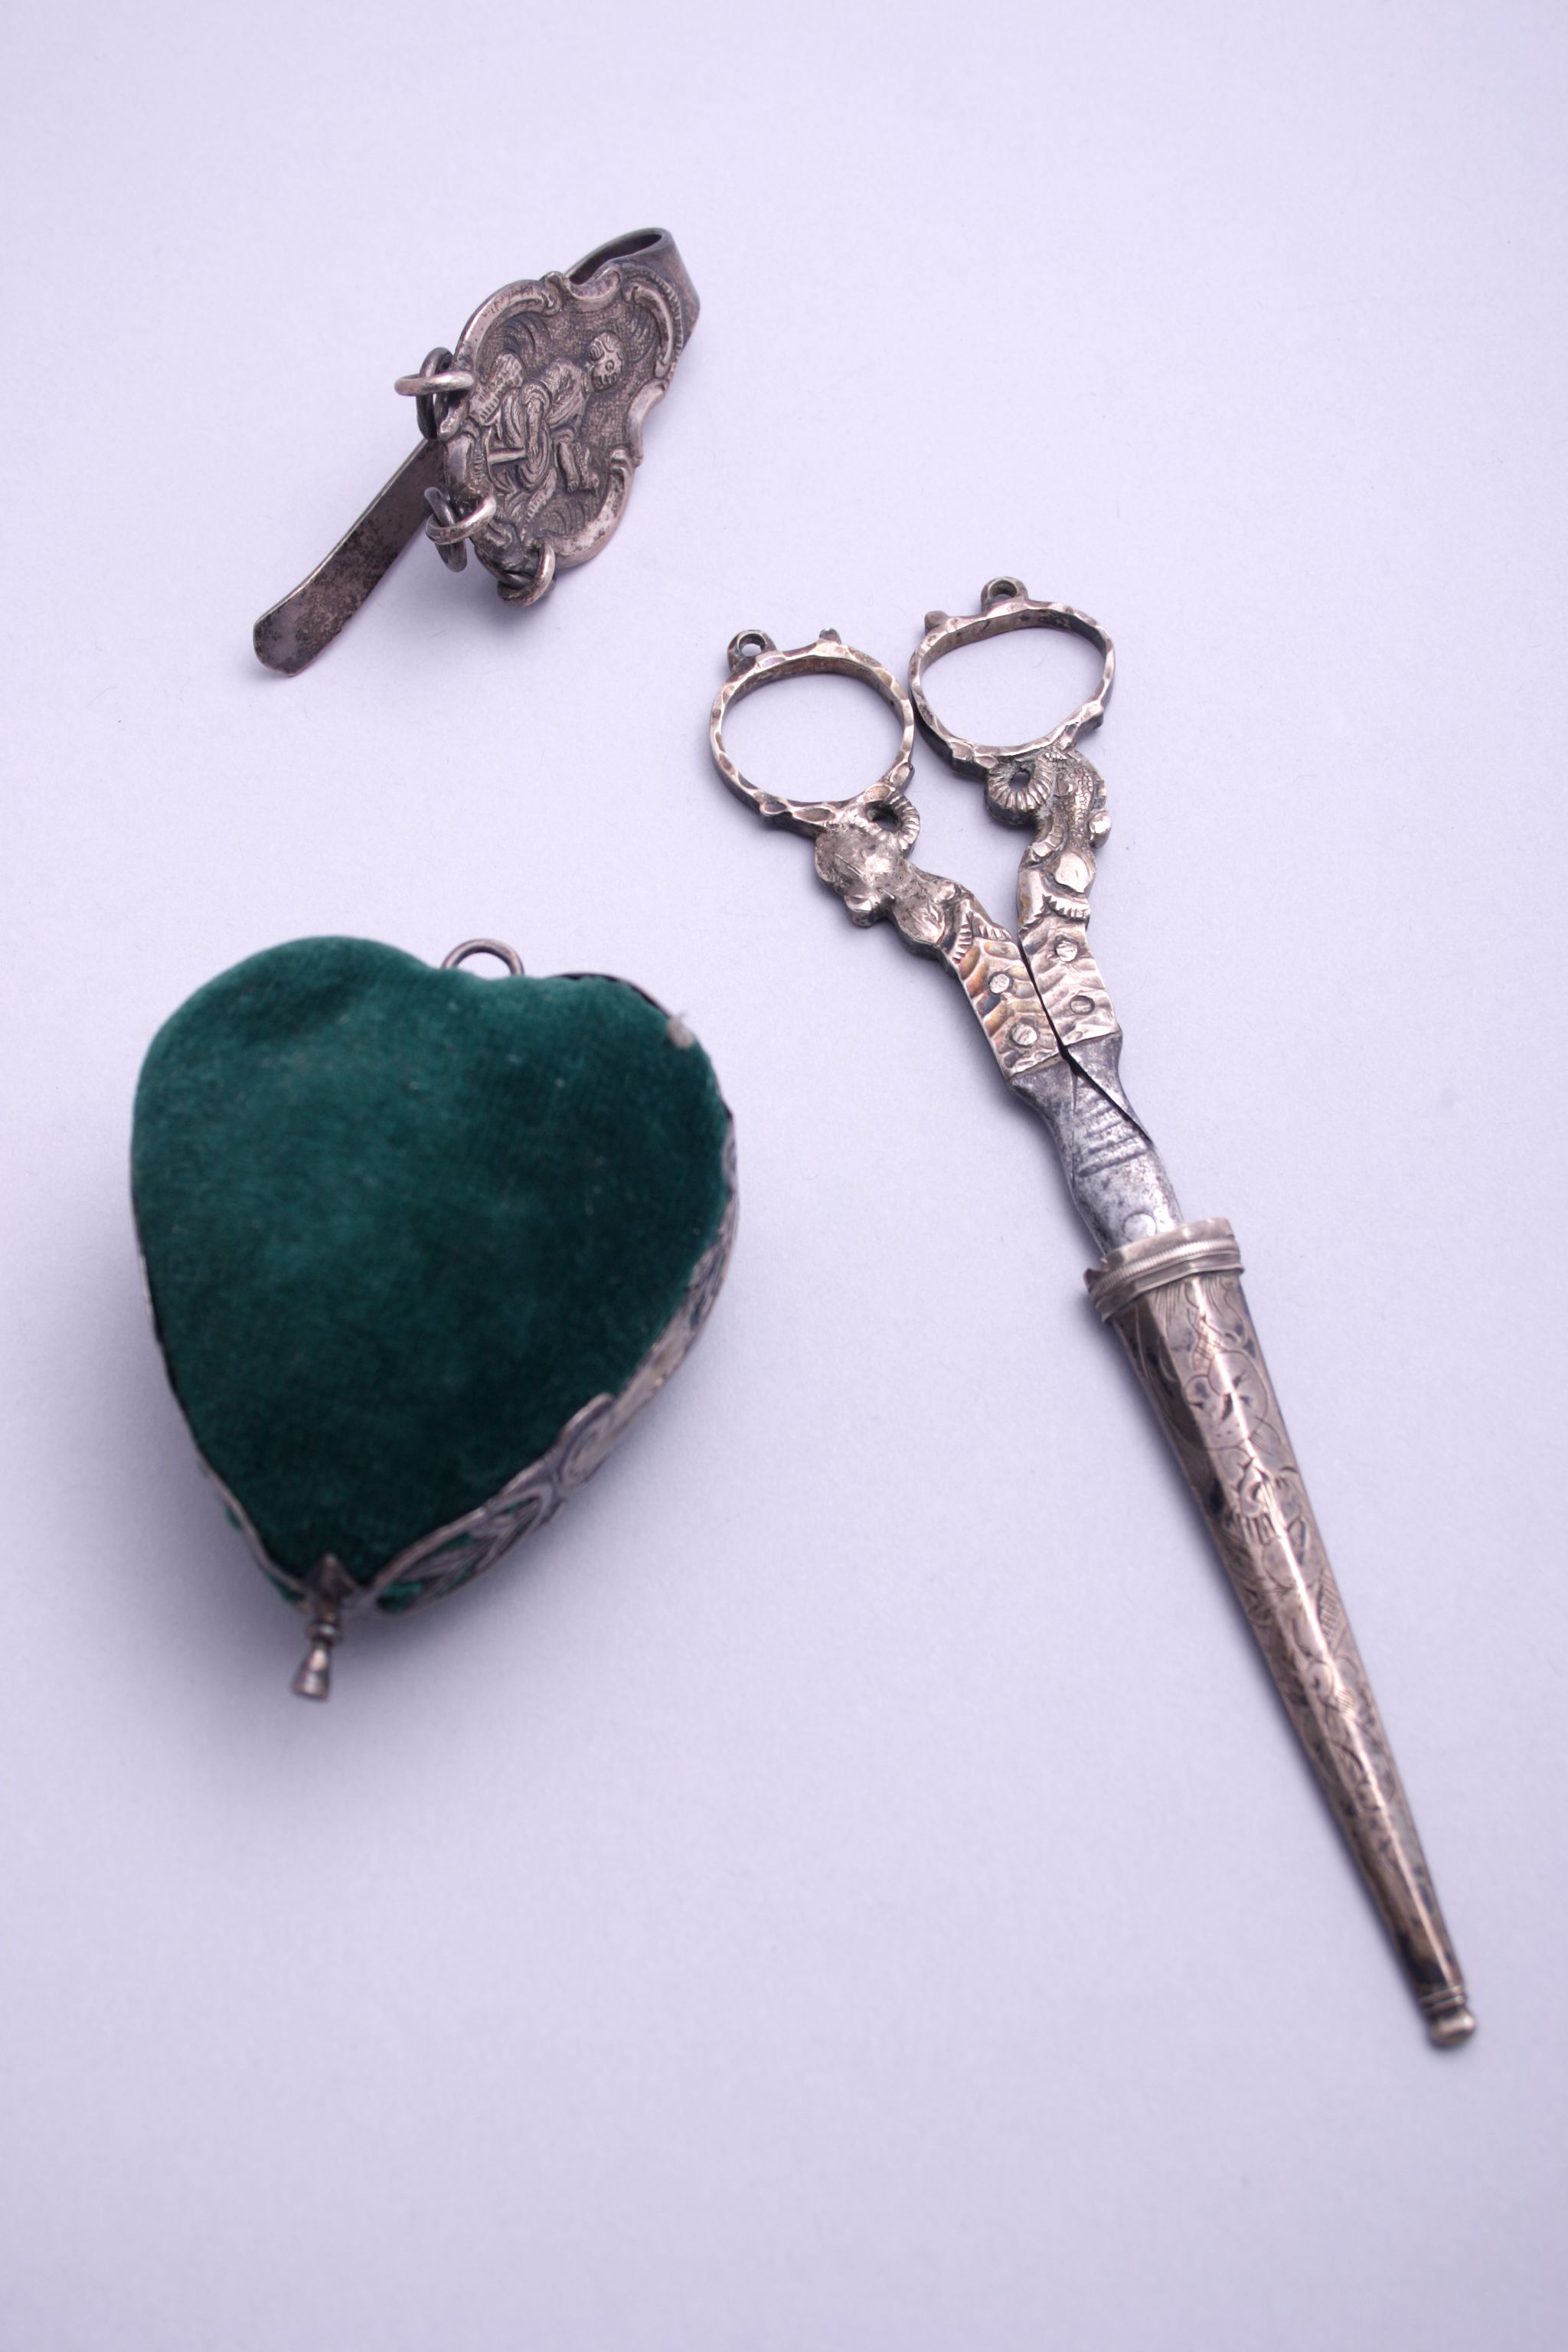 Zilveren schaar behorend bij een chatelaine